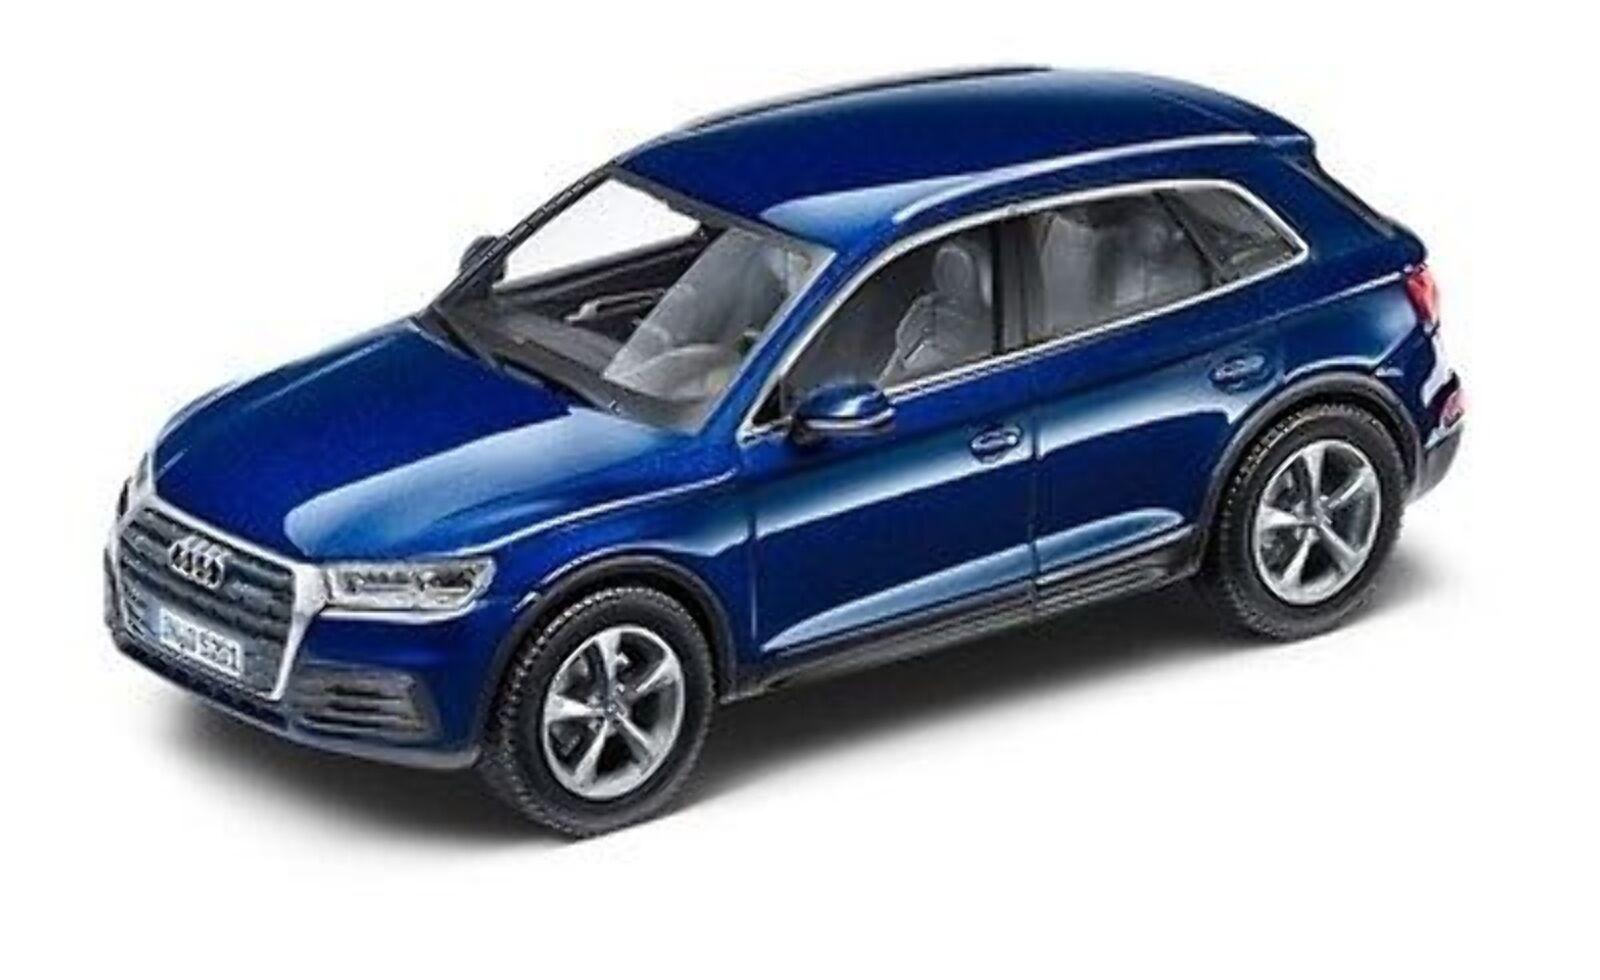 Audi Q5 Model,Navarra bluee,1 43 5011605632